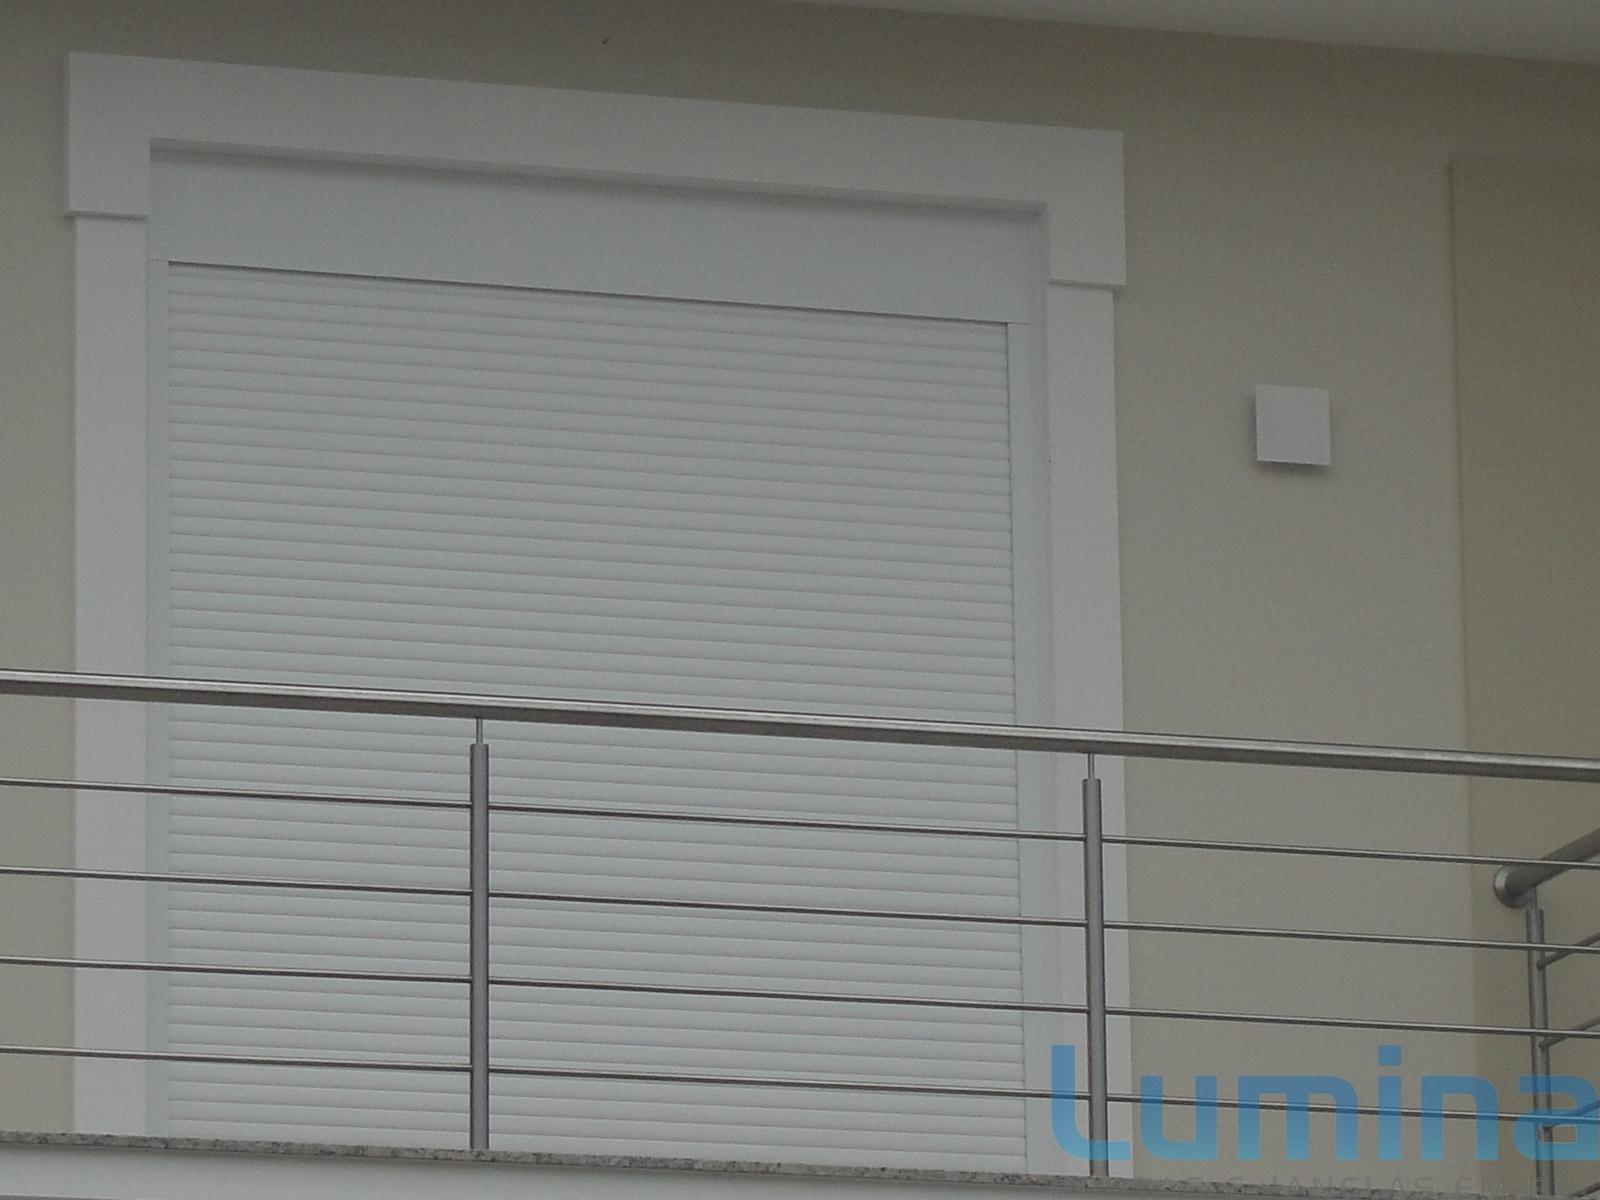 #447187 Lumina PVC Portas e Janelas Esquadrias em PVC 3344 Janelas De Pvc Em Curitiba